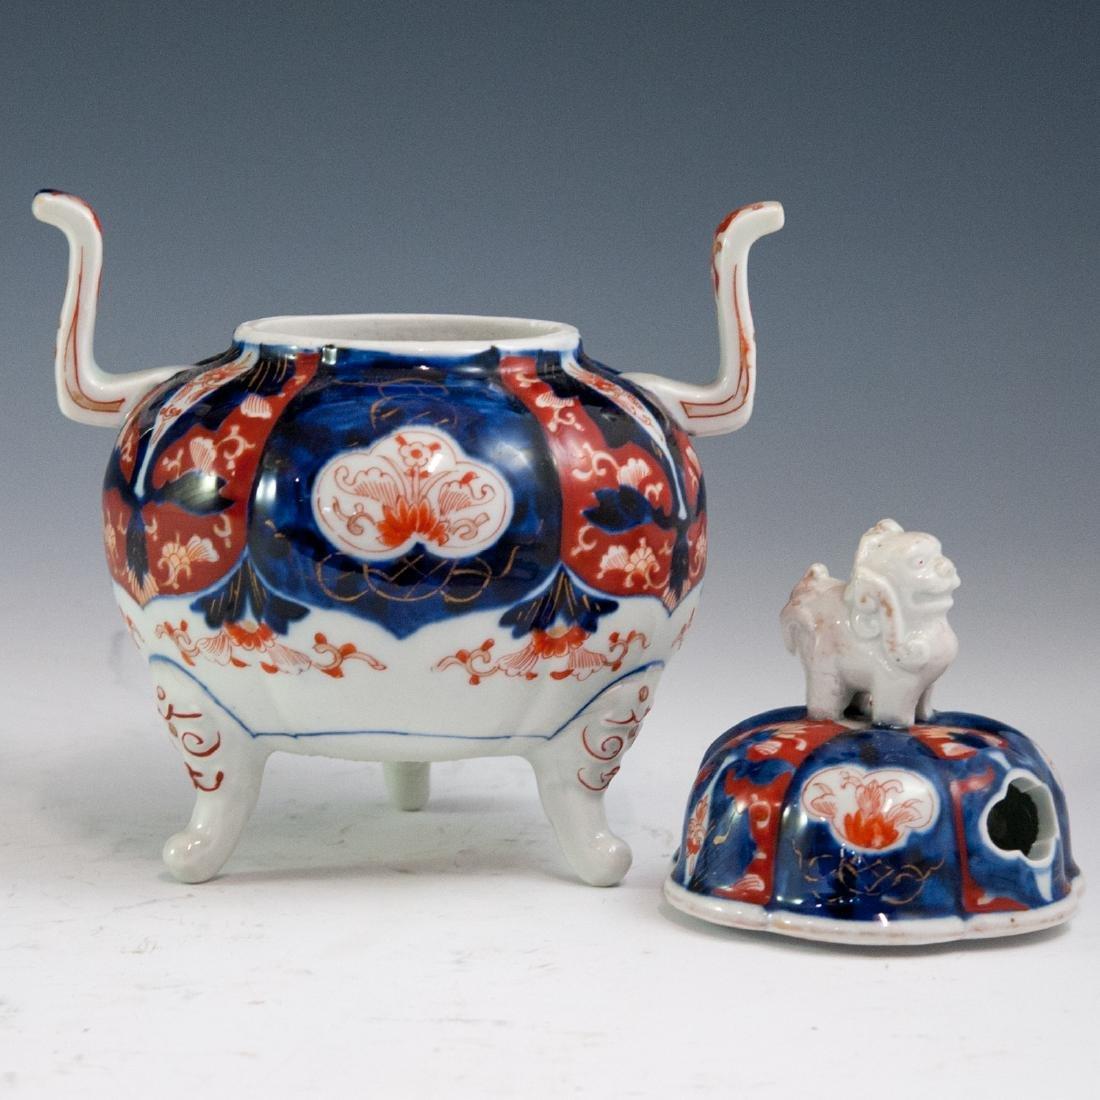 Japanese Imari Porcelain Koro Censer - 2